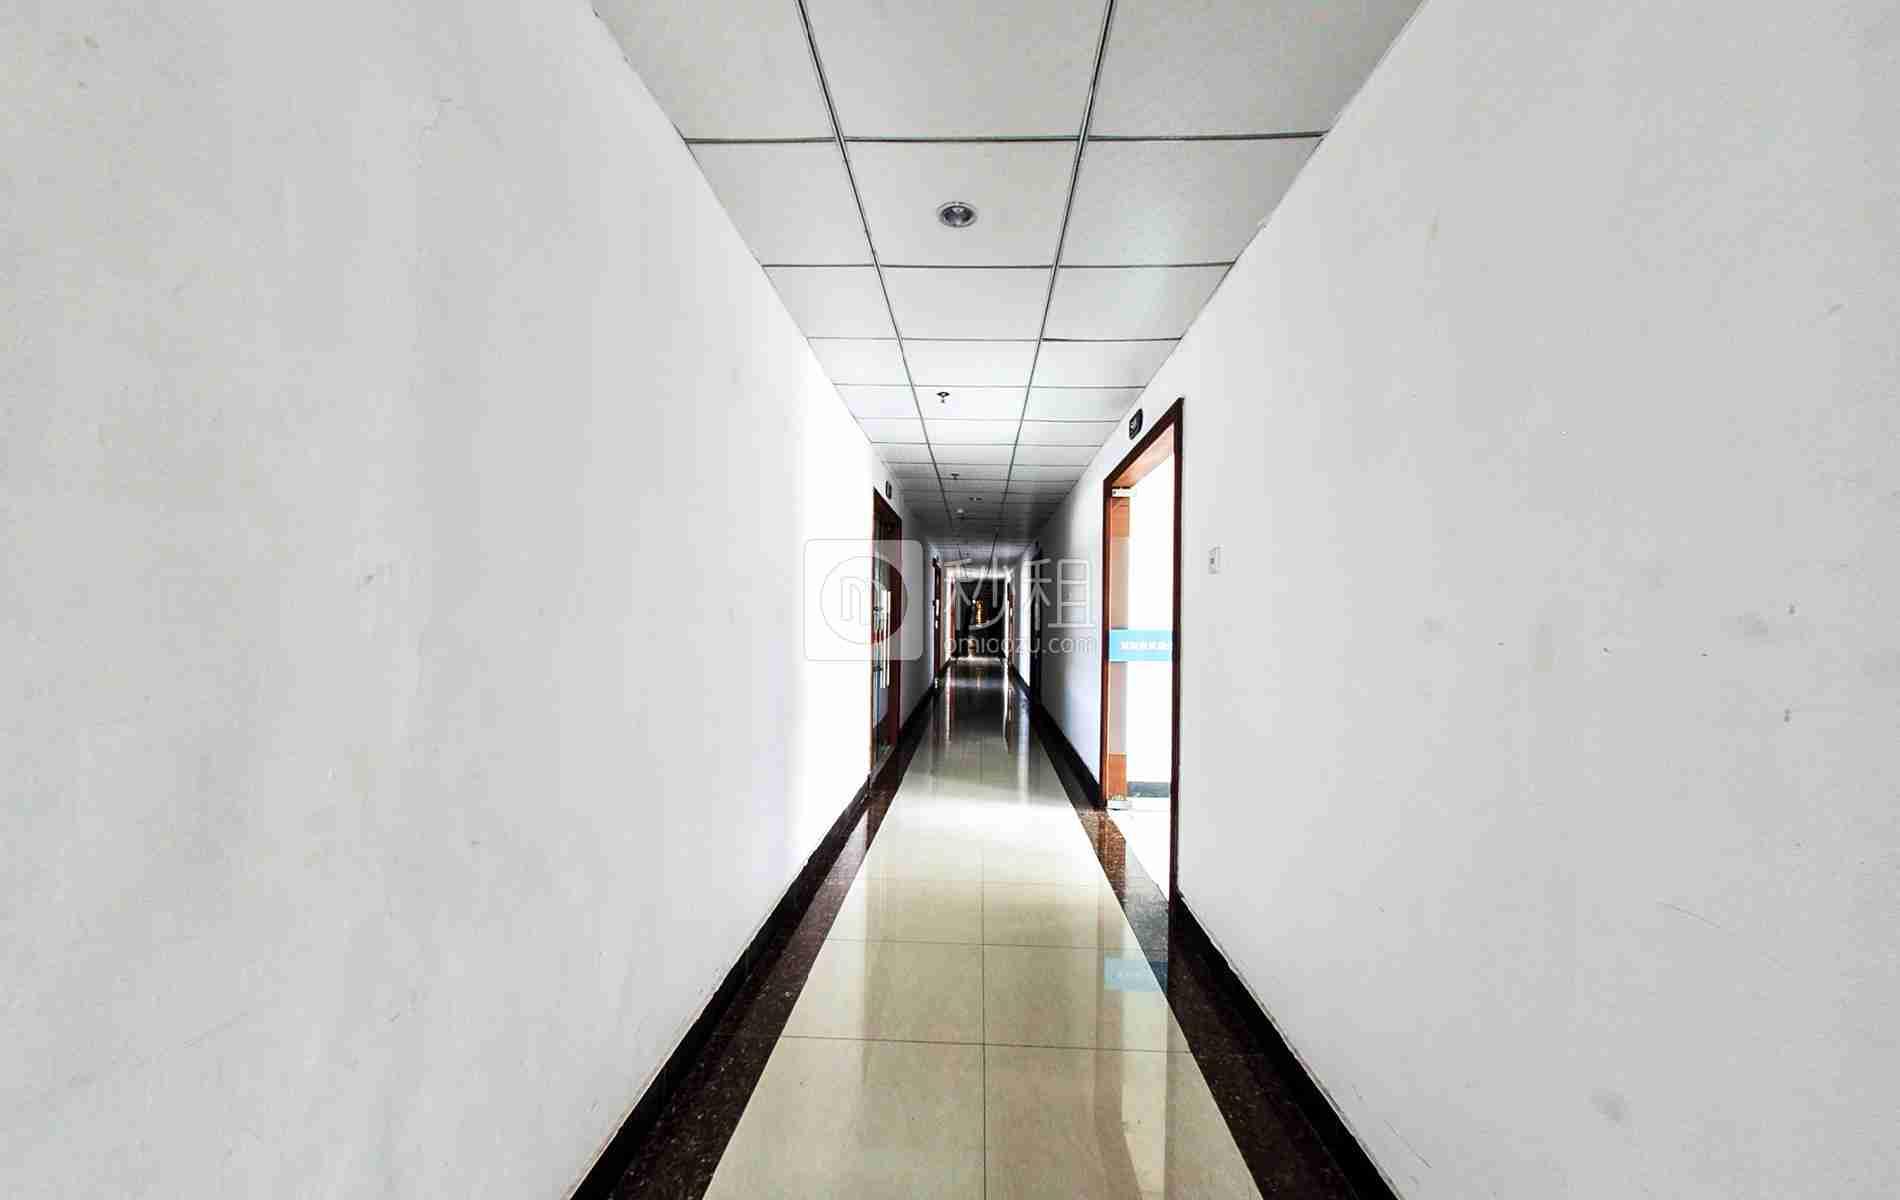 亨业大厦写字楼出租/招租/租赁,亨业大厦办公室出租/招租/租赁